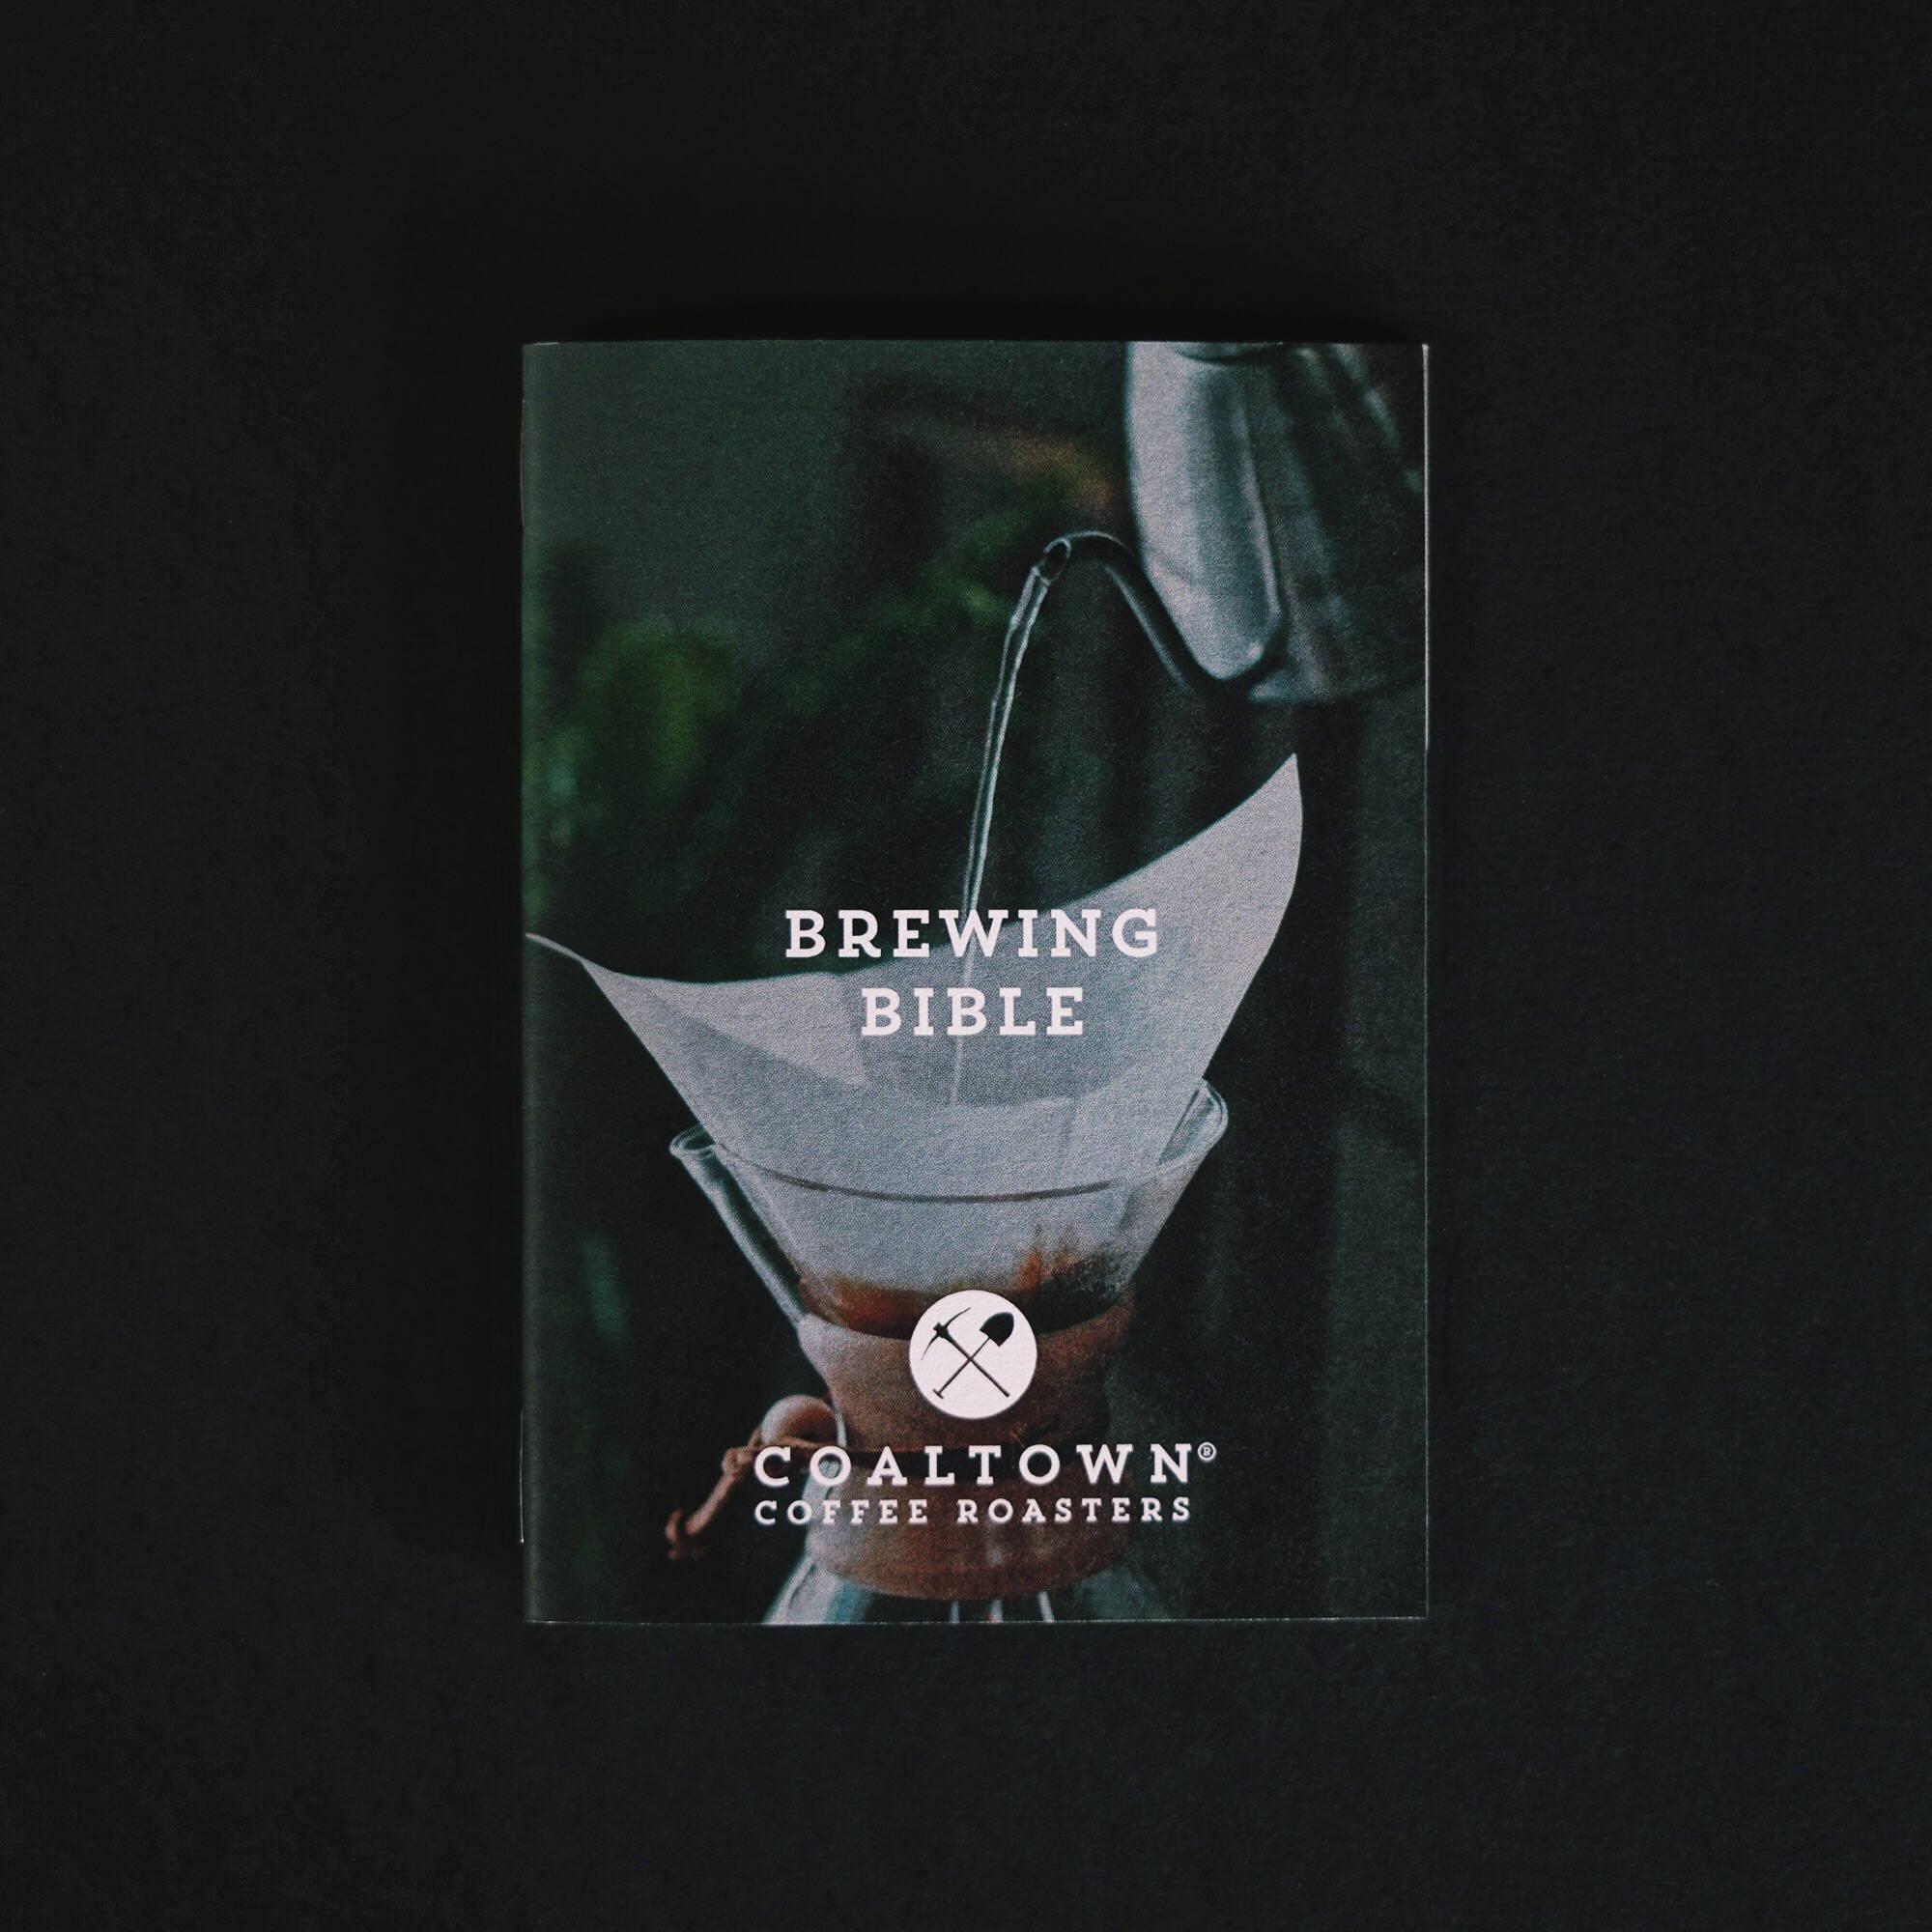 Coaltown Brewing Bible Guide